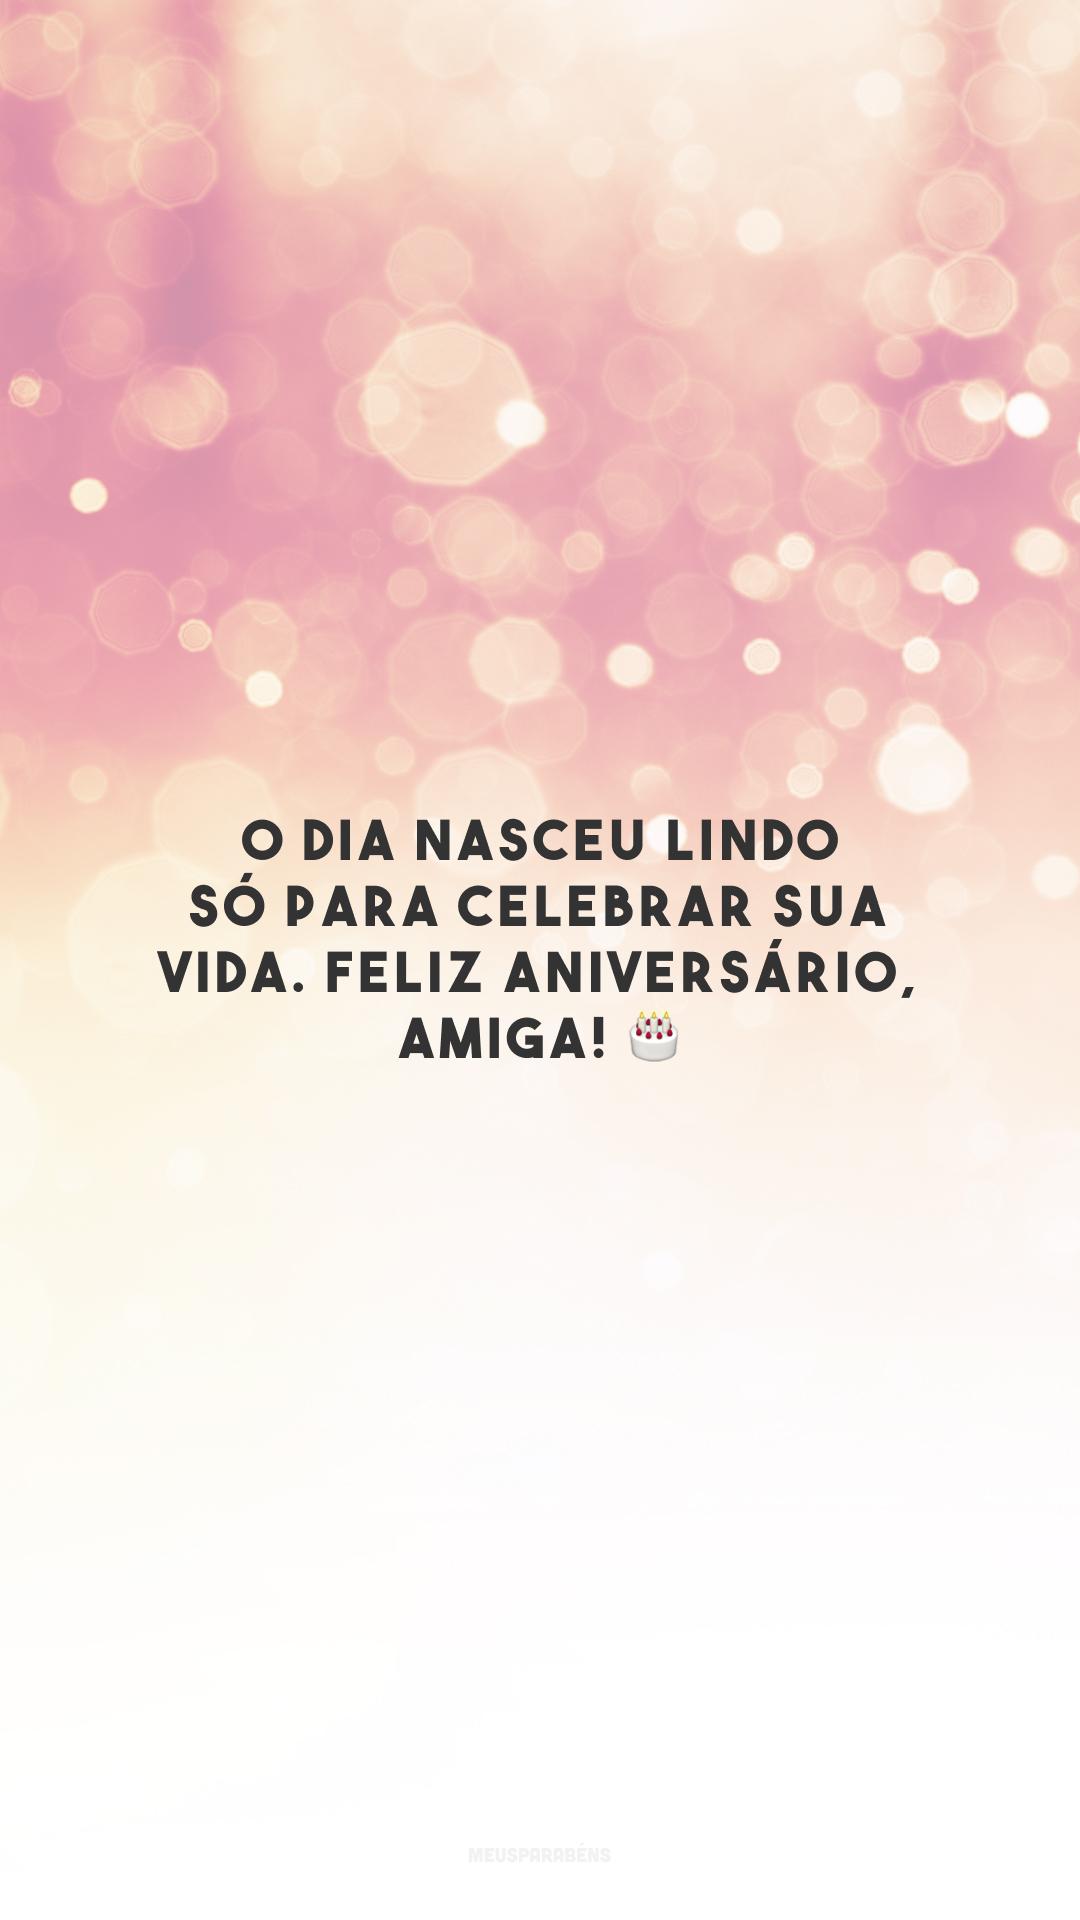 O dia nasceu lindo só para celebrar sua vida. Feliz aniversário, amiga! 🎂